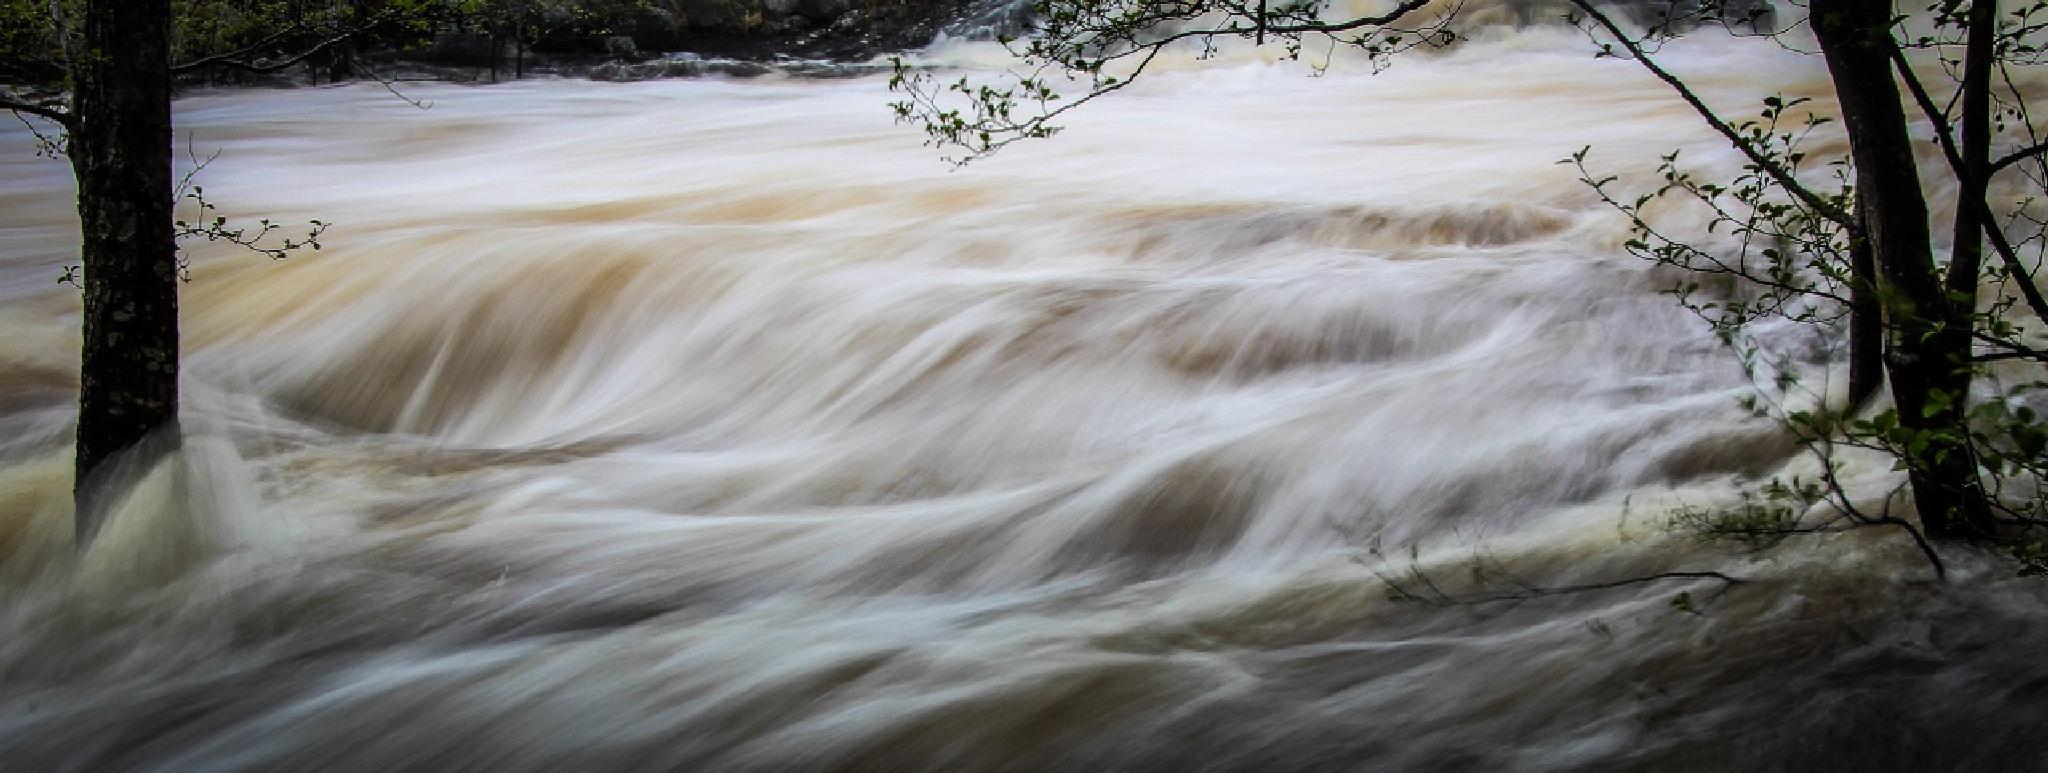 Spring flood by Sven Årnes